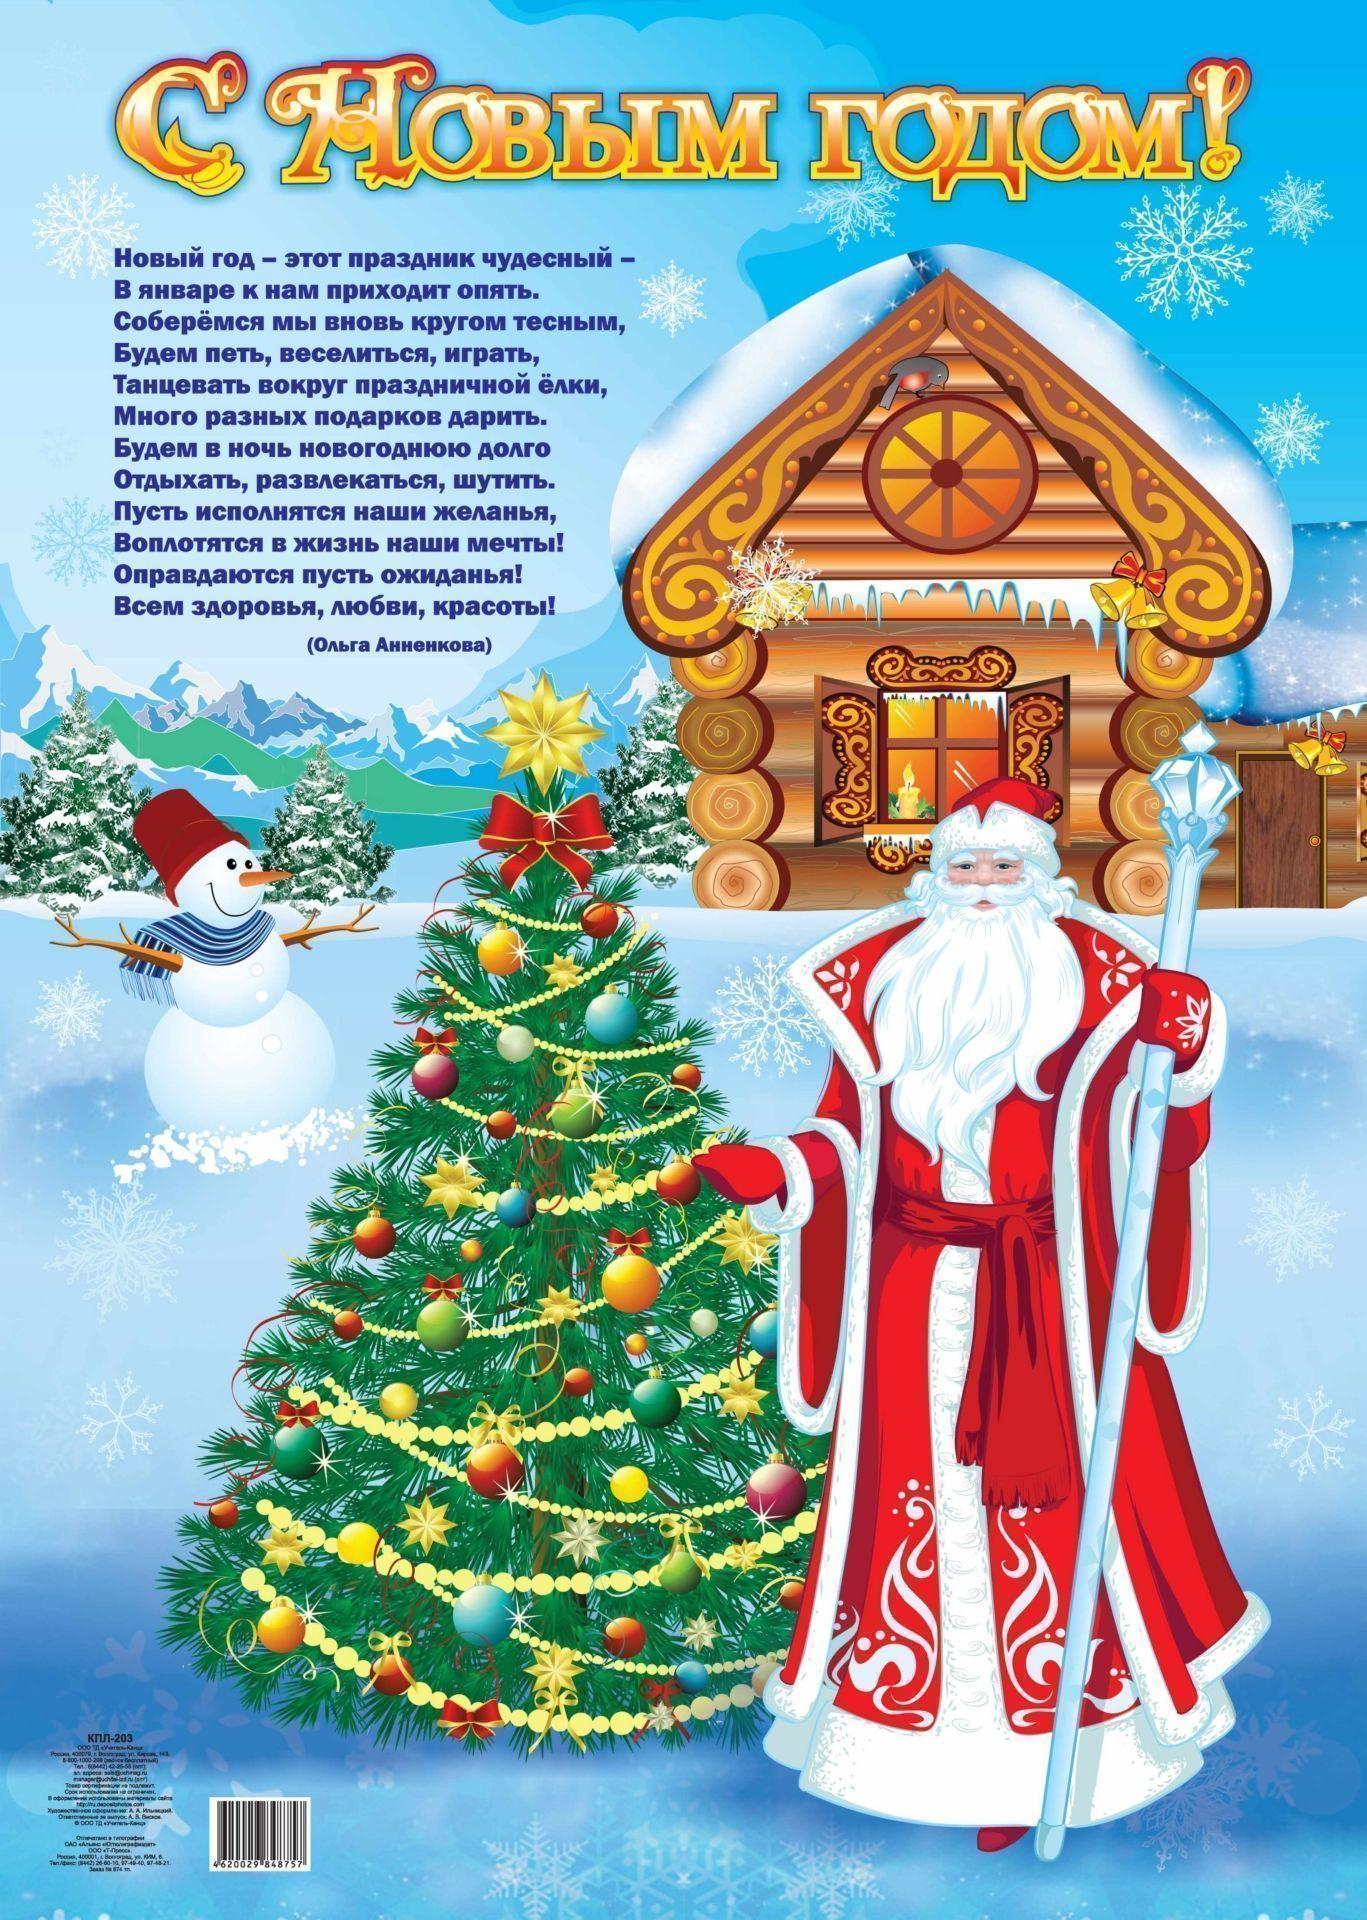 Оформительский плакат С Новым годом!: Формат А2